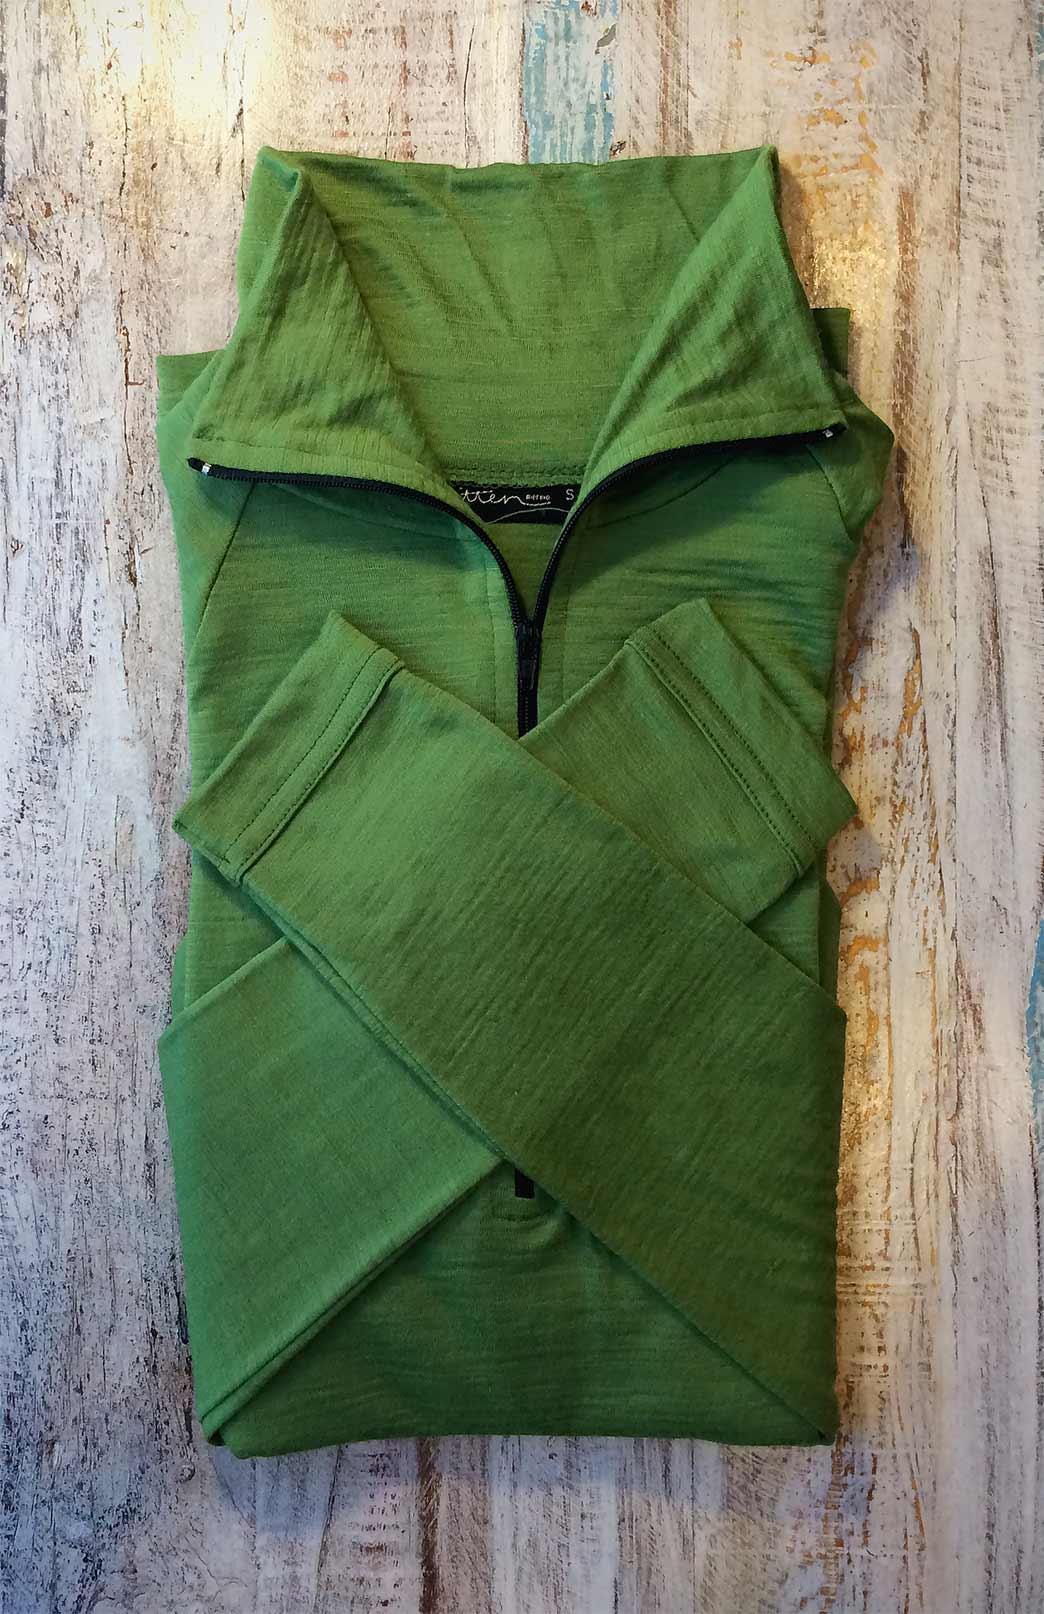 Zip Neck Top - Lightweight (~170g) - Men's Green Merino Wool Zip Neck Pull Over Top with Thumb Holes - Smitten Merino Tasmania Australia